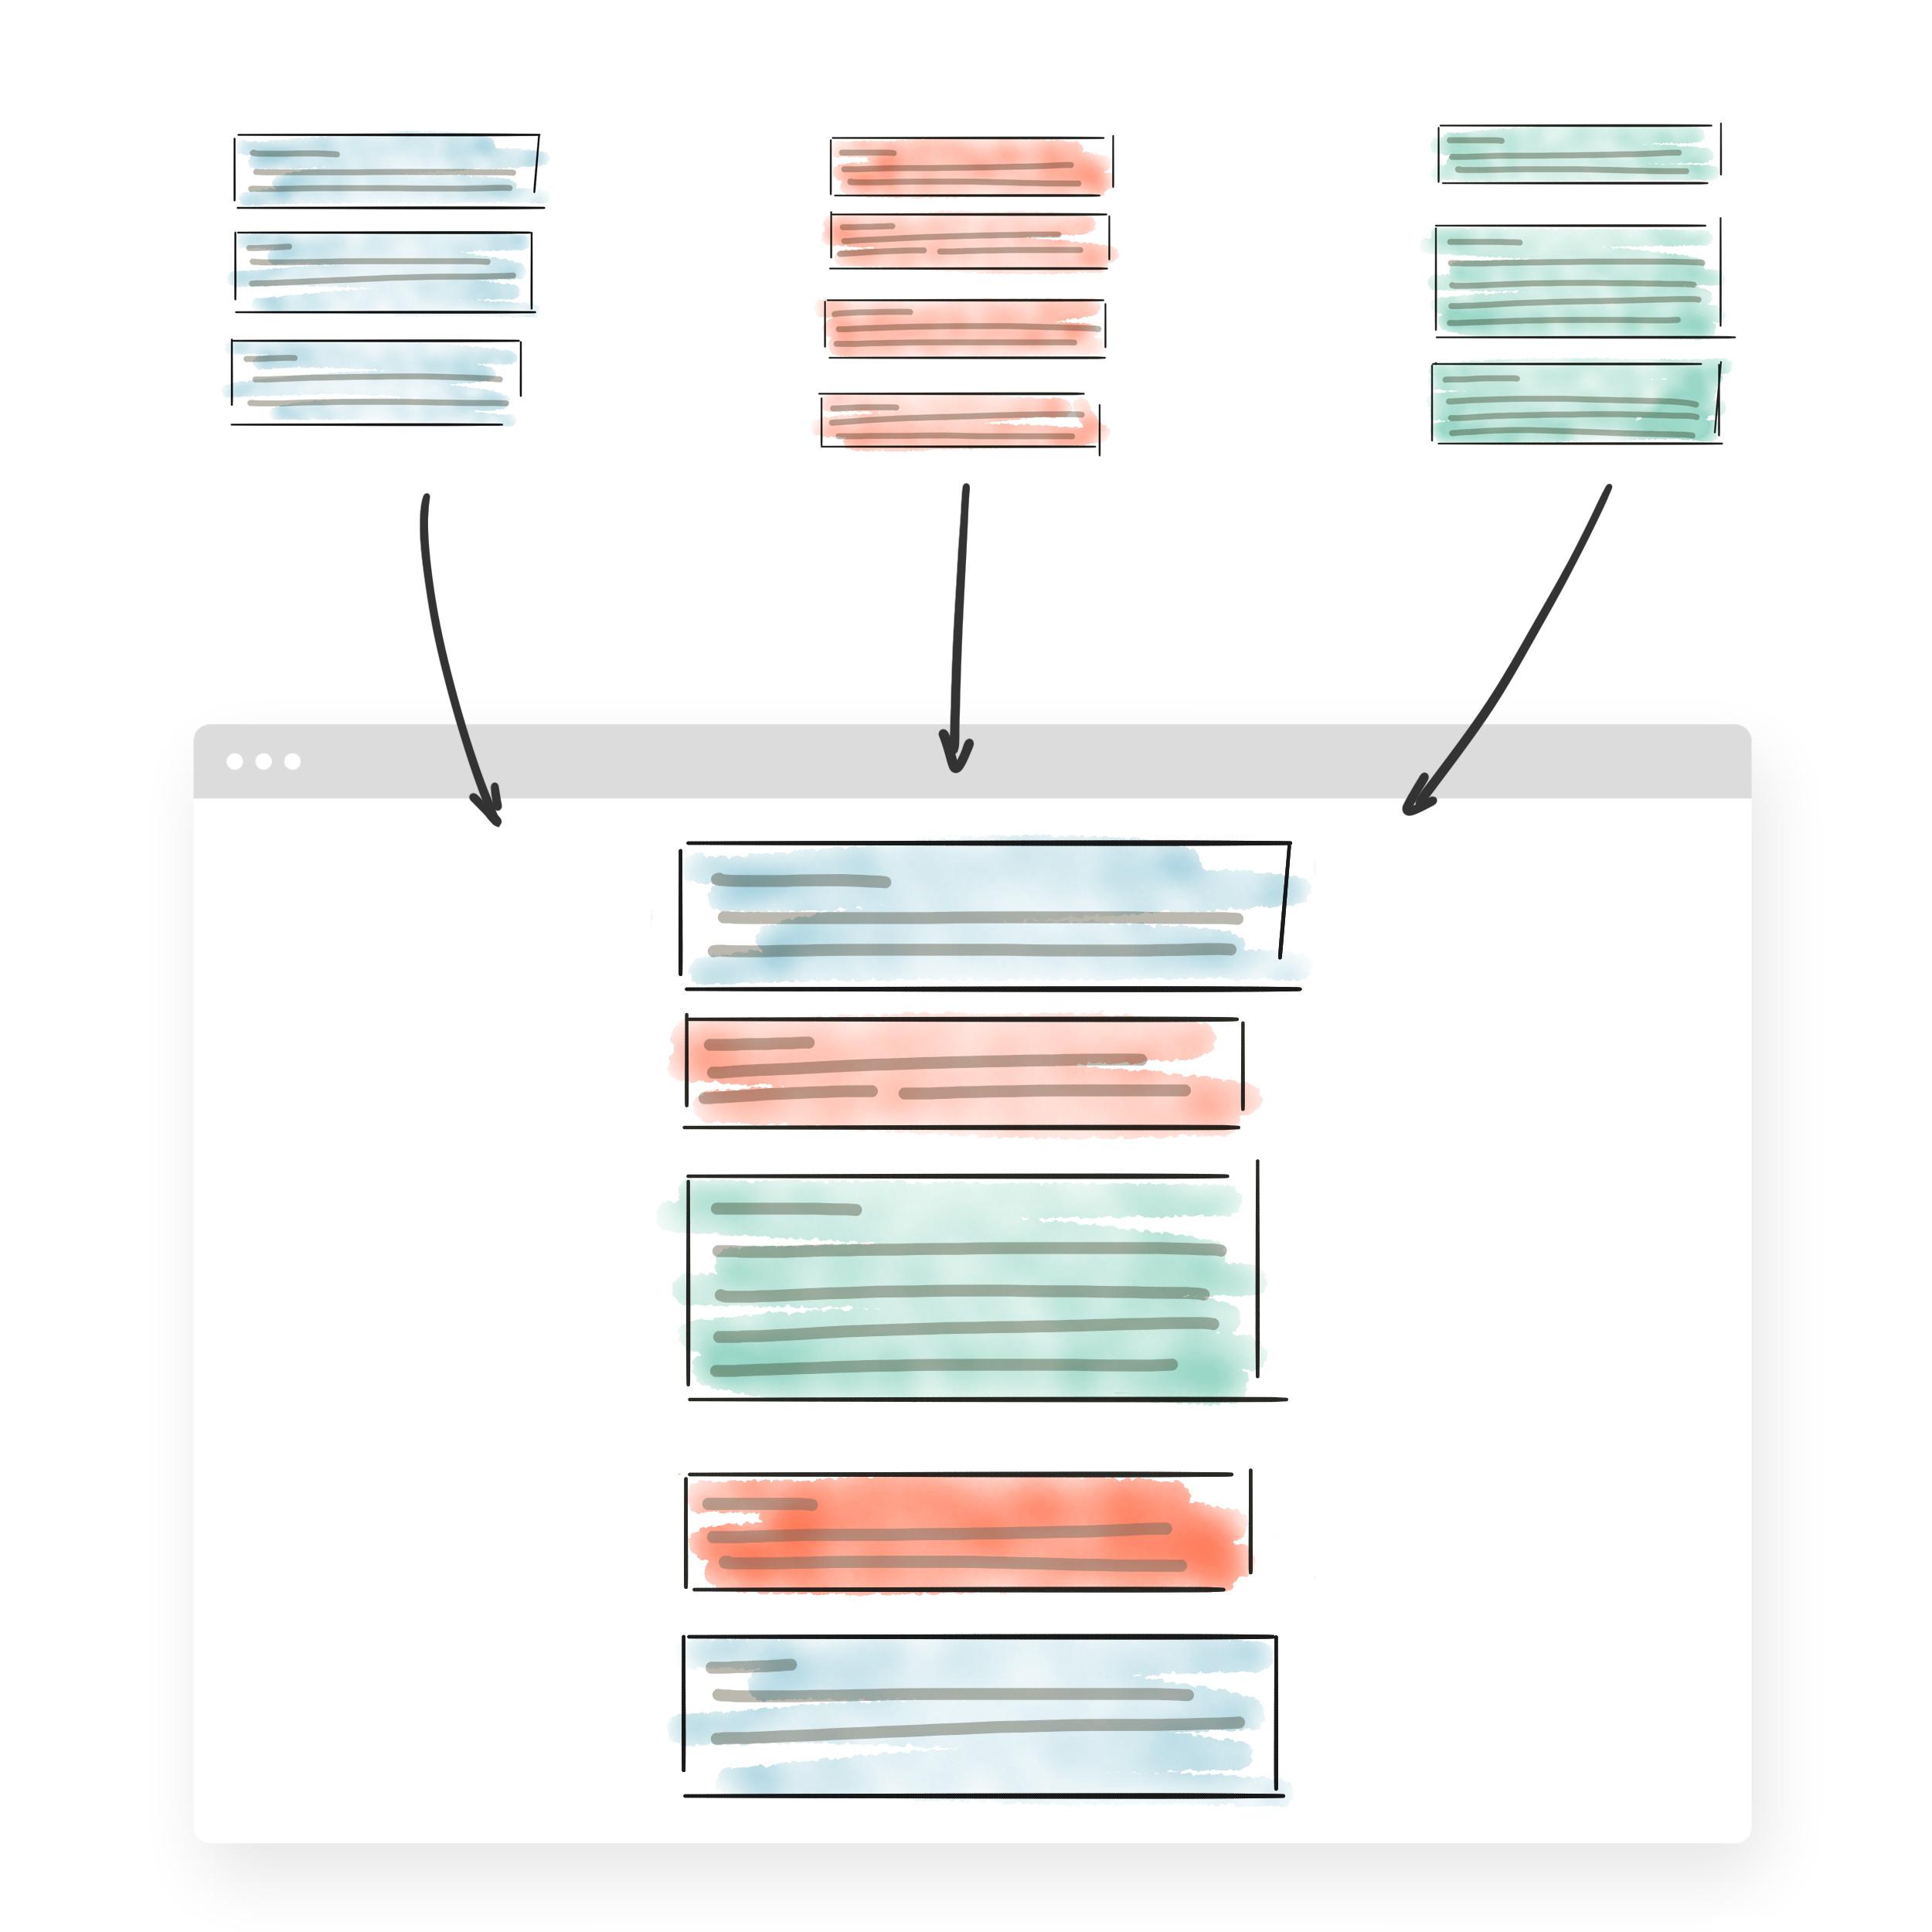 Toutes les nouvelles publications des sites A, B et C sont regroupées au même endroit, à l'aide d'un lecteur RSS.